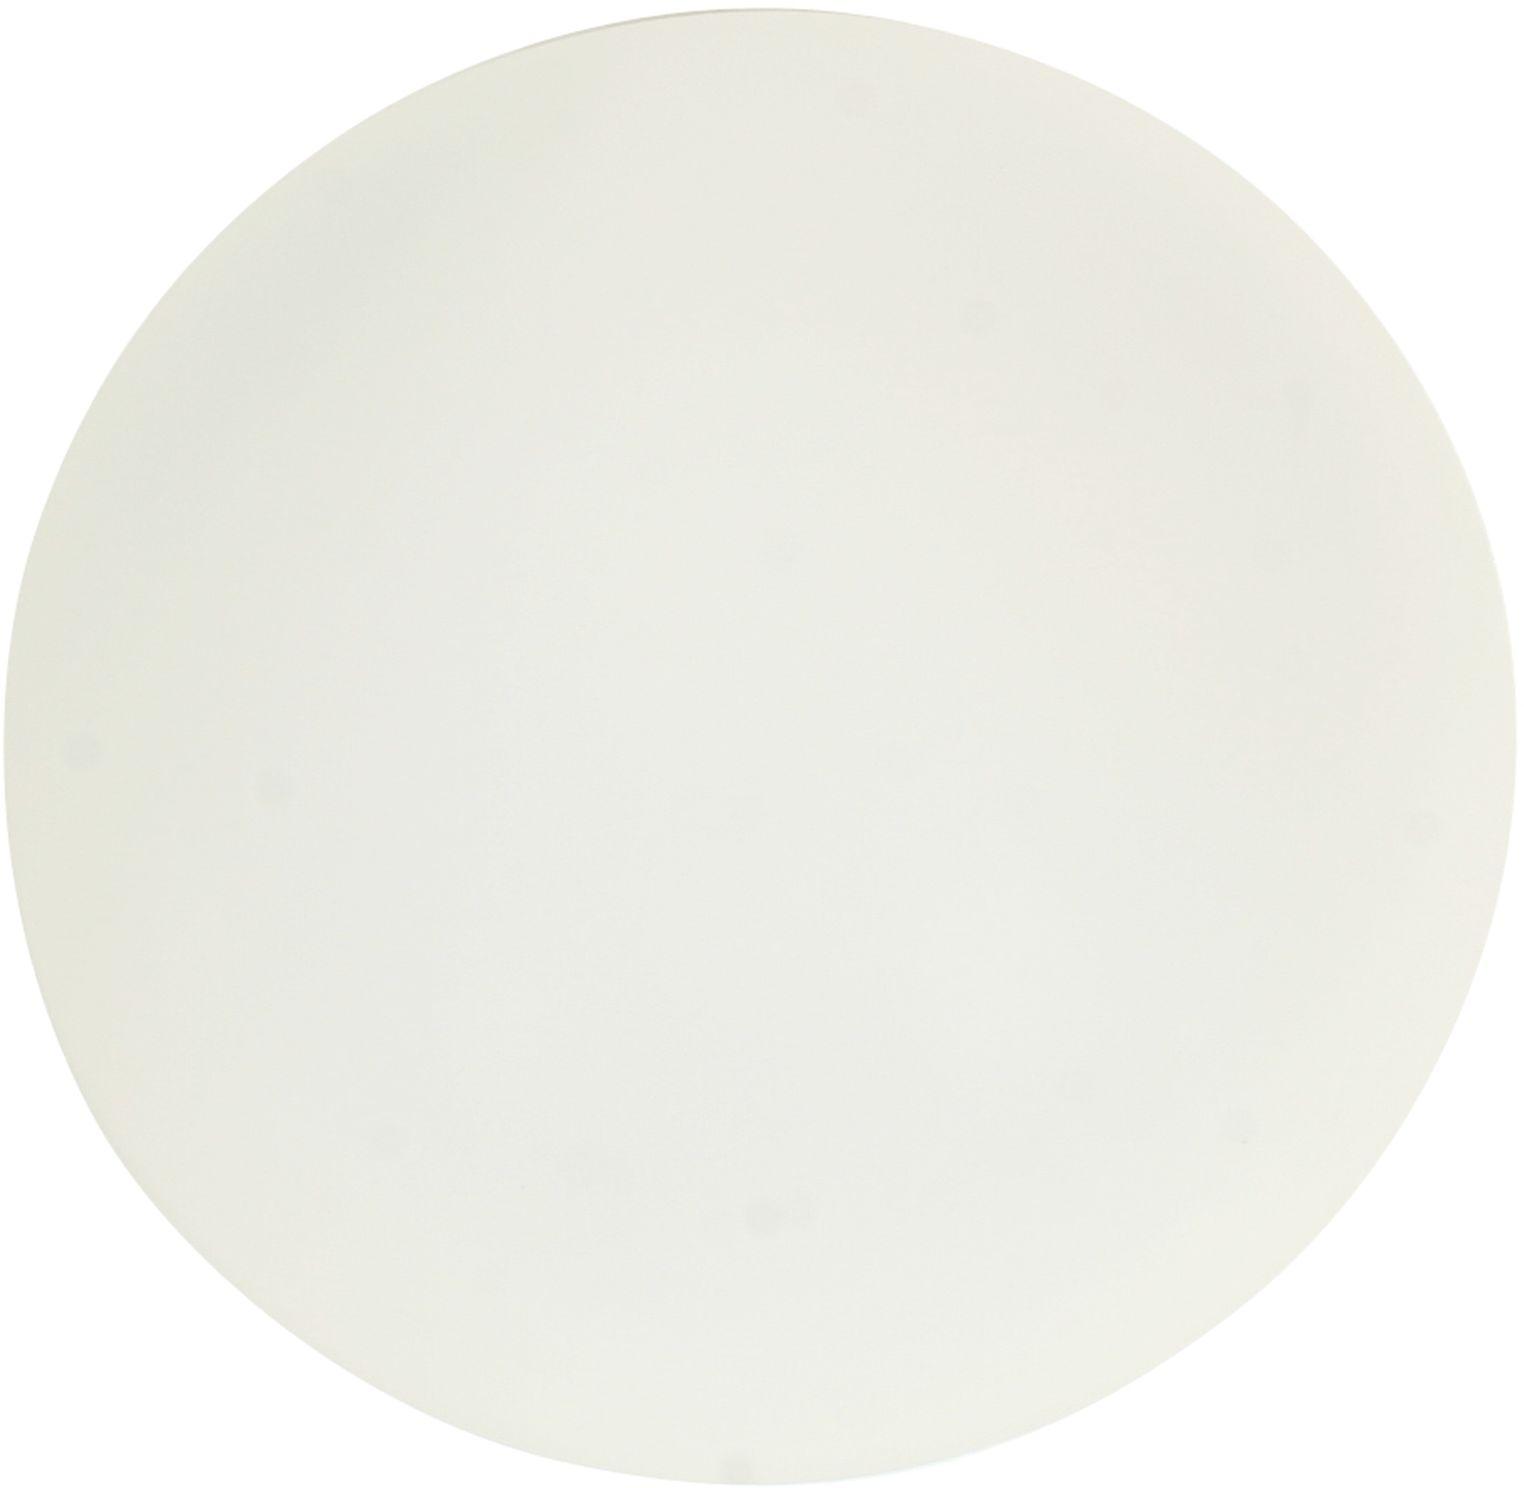 Candellux NINA 12-74150 plafon lampa sufitowa biały szklany klosz 1X60W E27 17cm